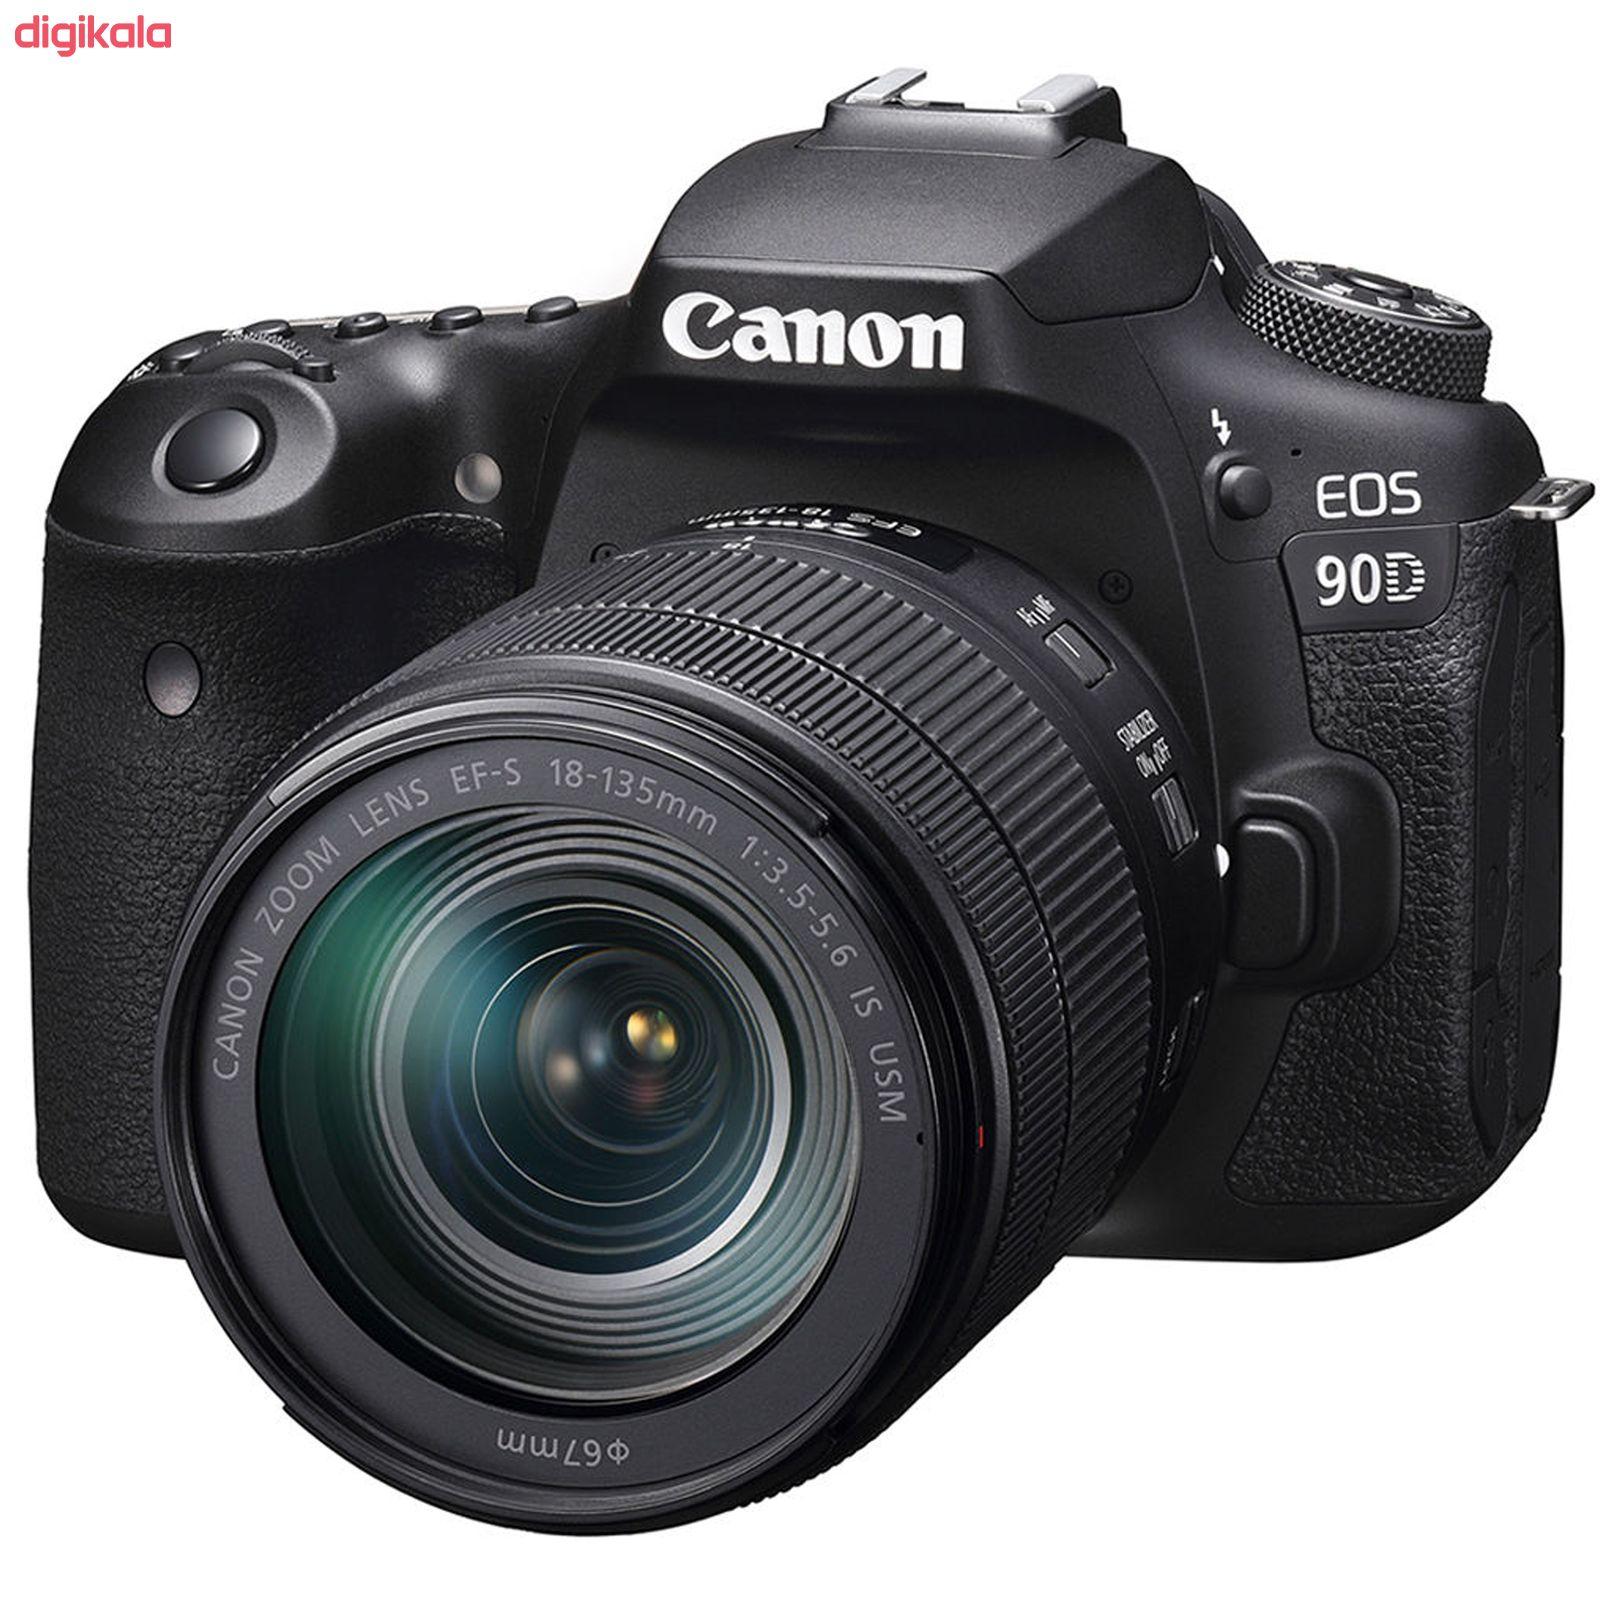 دوربین دیجیتال کانن مدل EOS 90D به همراه لنز 135-18 میلی متر IS USM main 1 2